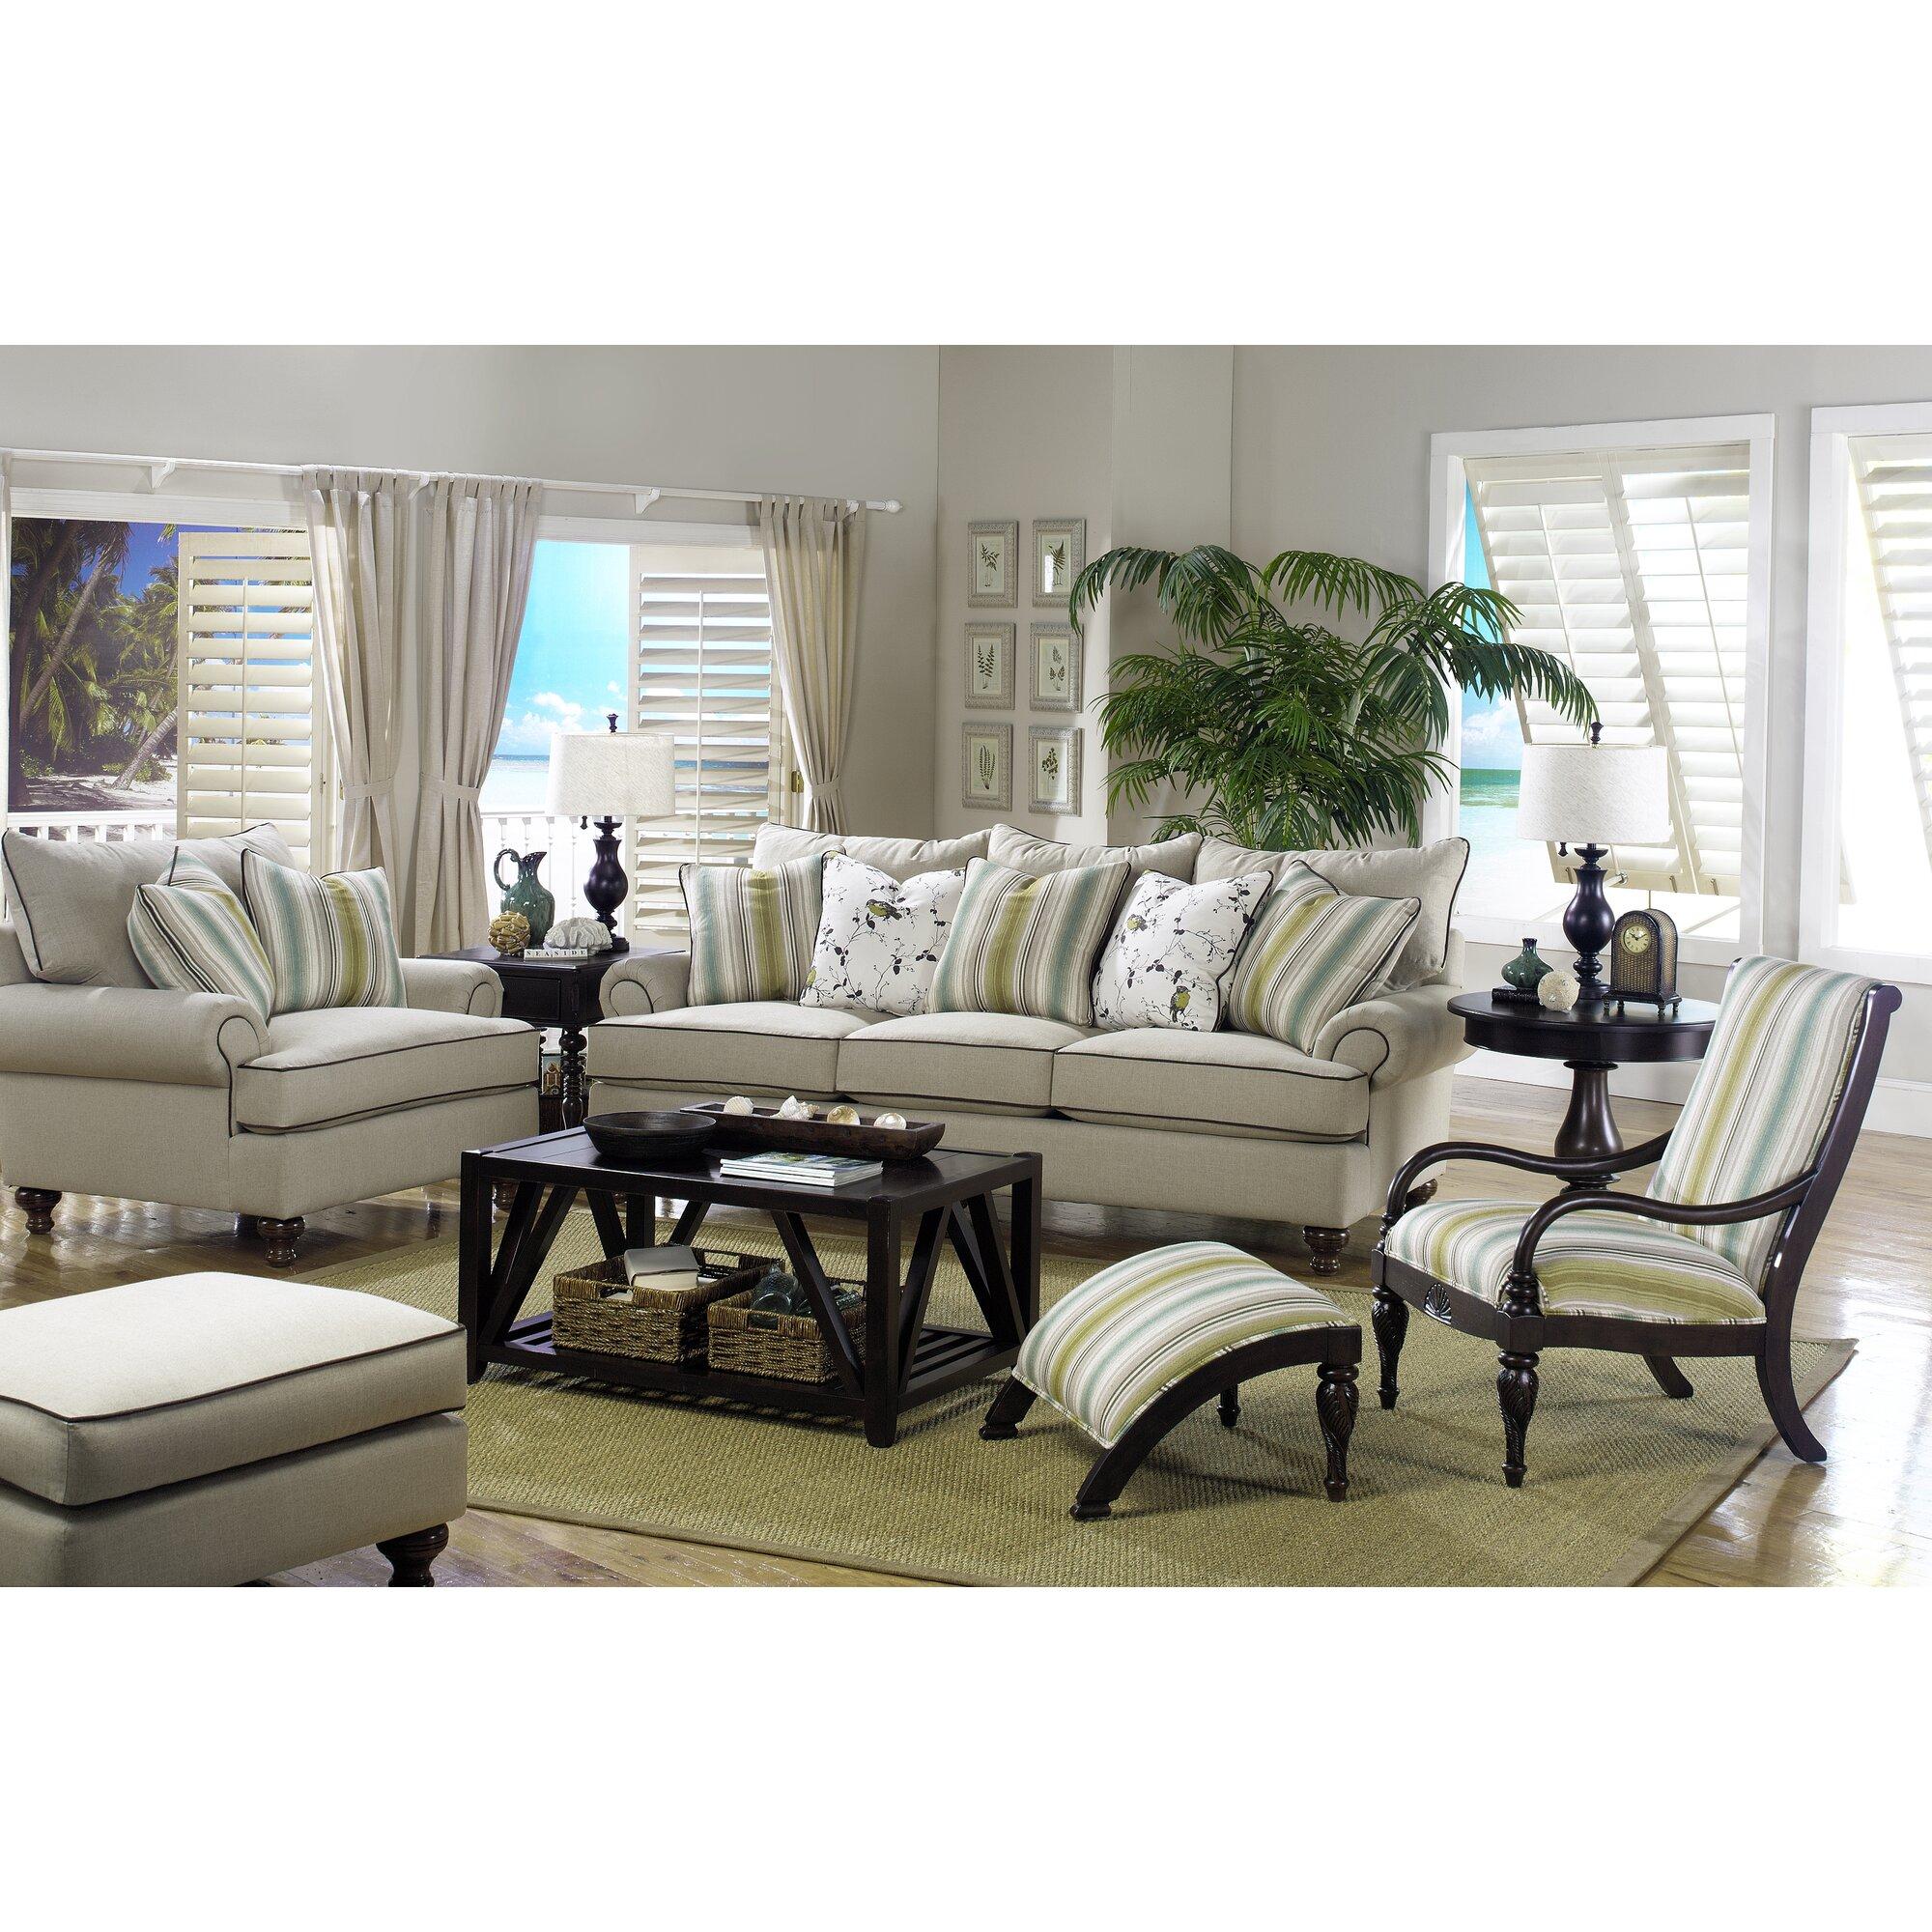 Paula Deen Home Duckling Sofa Amp Reviews Wayfair